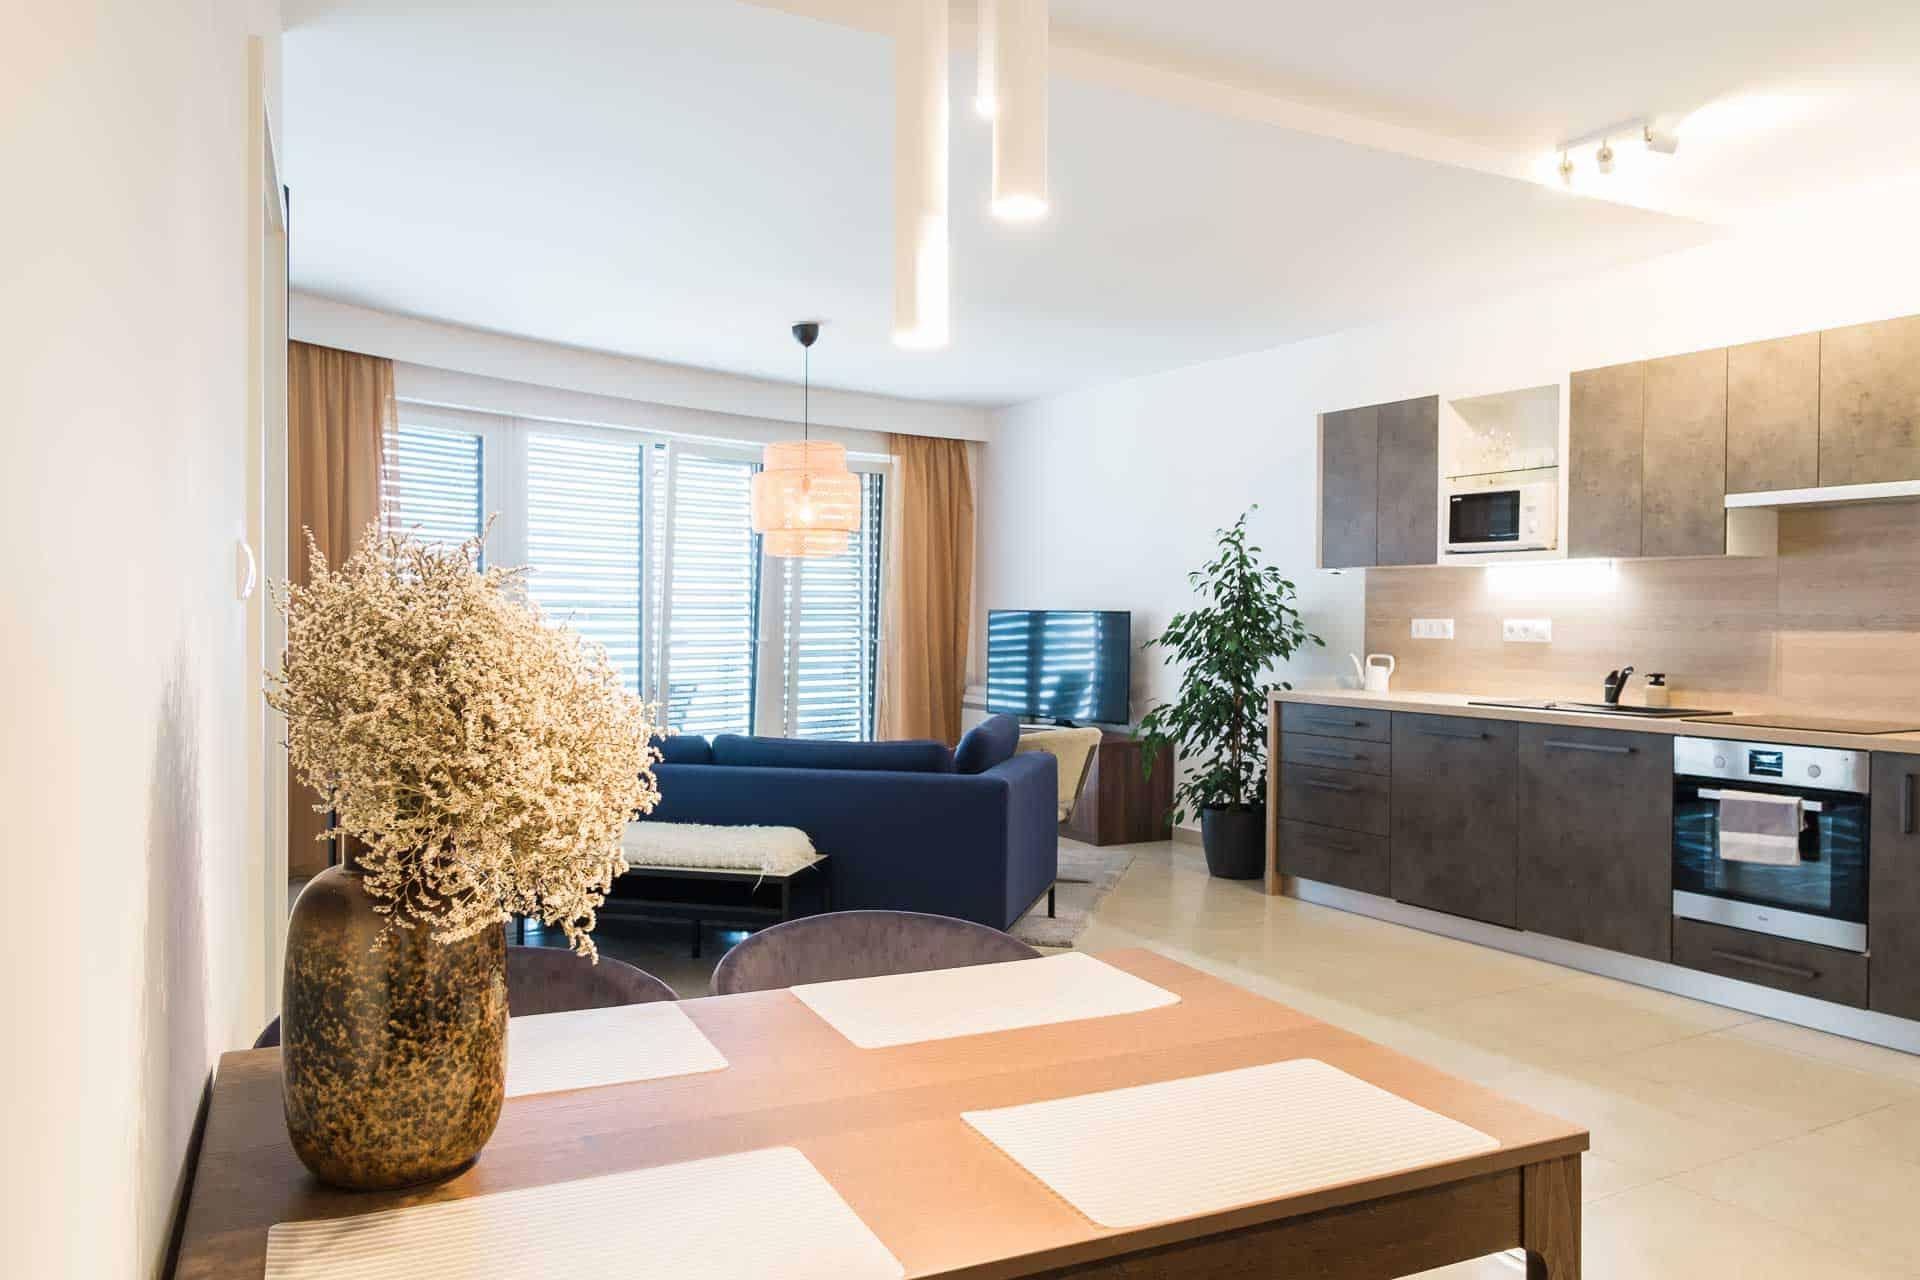 Vízparti balatoni panorámás Apartmanok Keszthely - előtérben az étkező - háttérben a konyha és nappali.